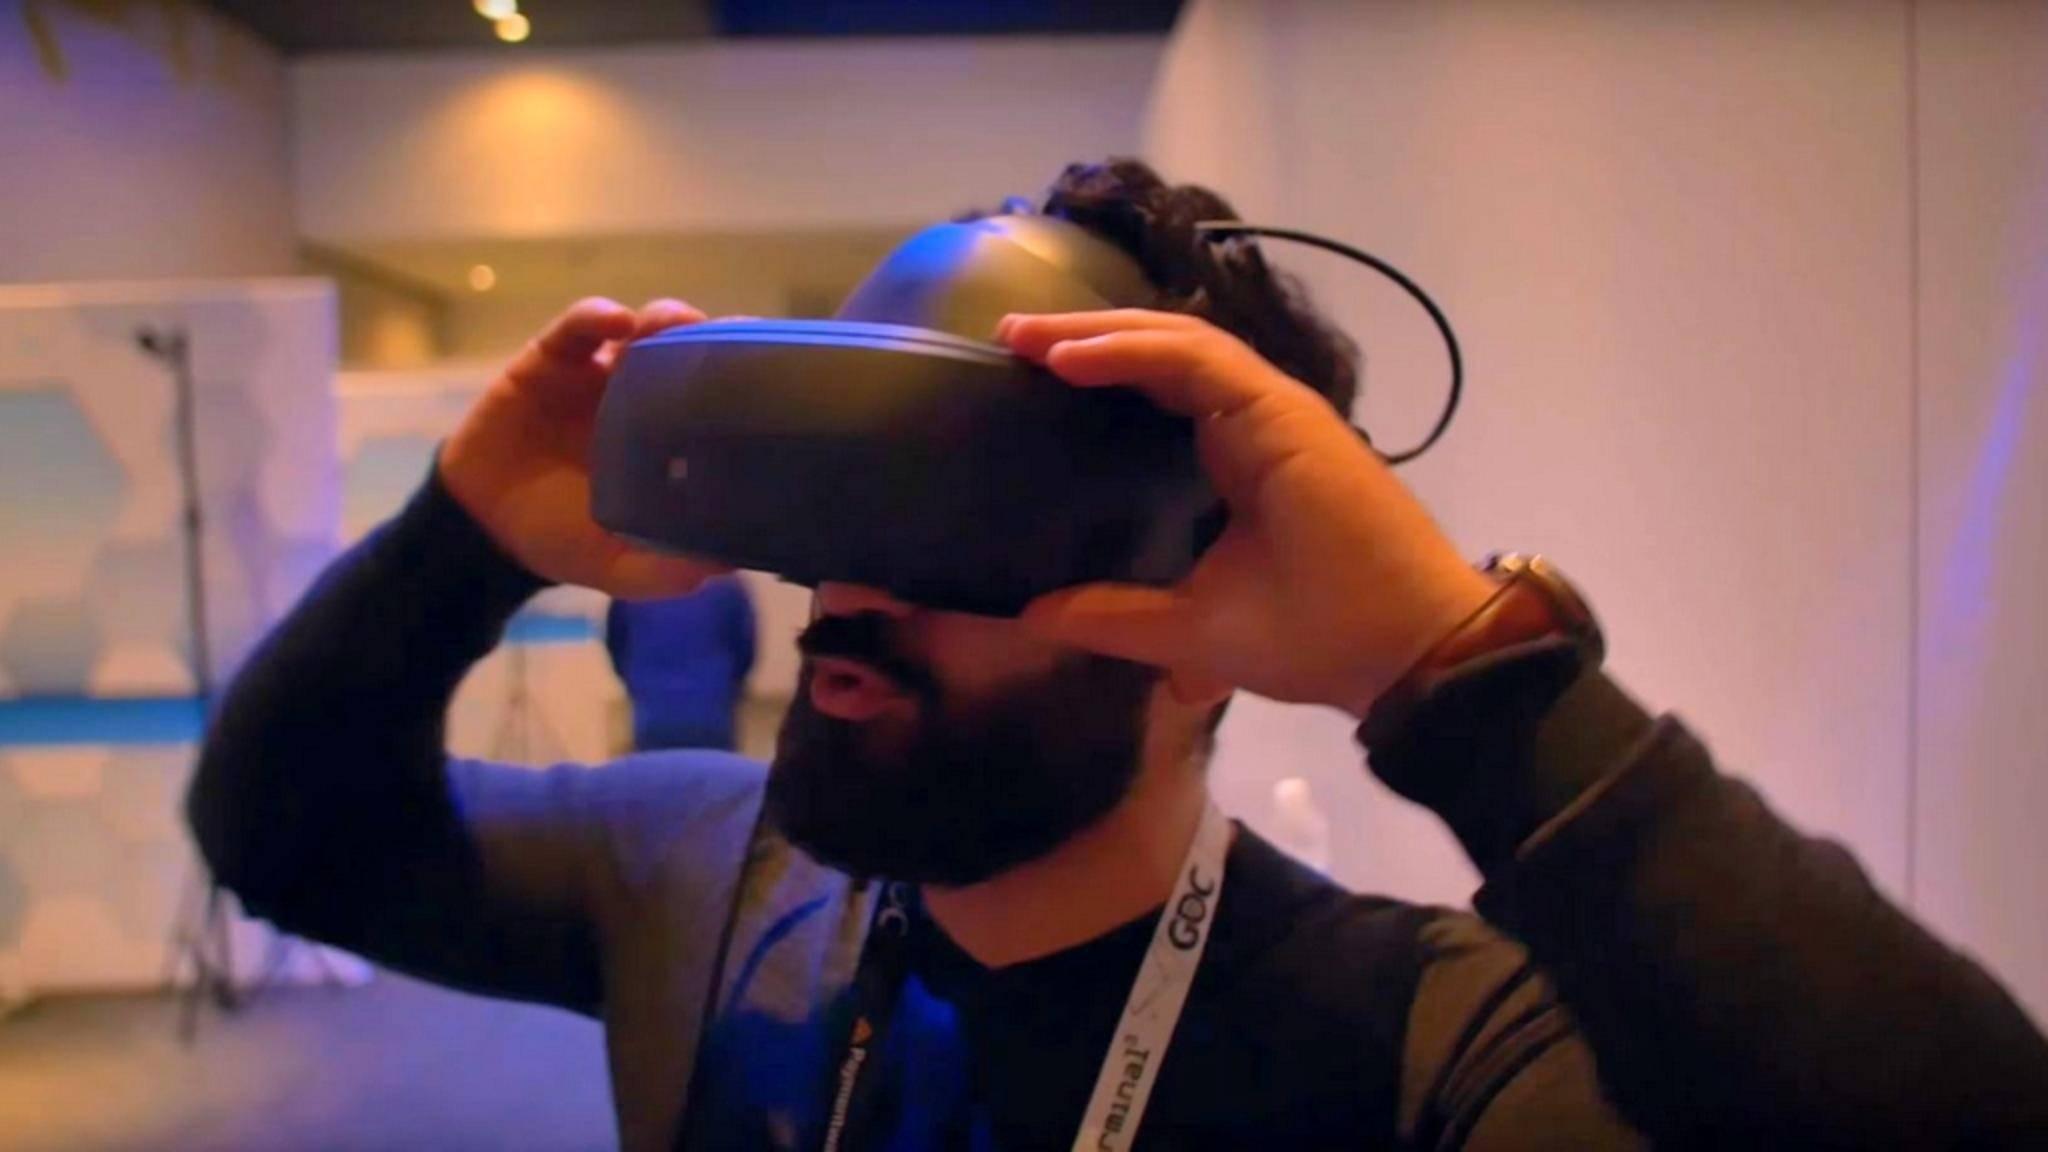 LG zeigt eine neue Virtual-Reality-Brille für die SteamVR-Plattform.